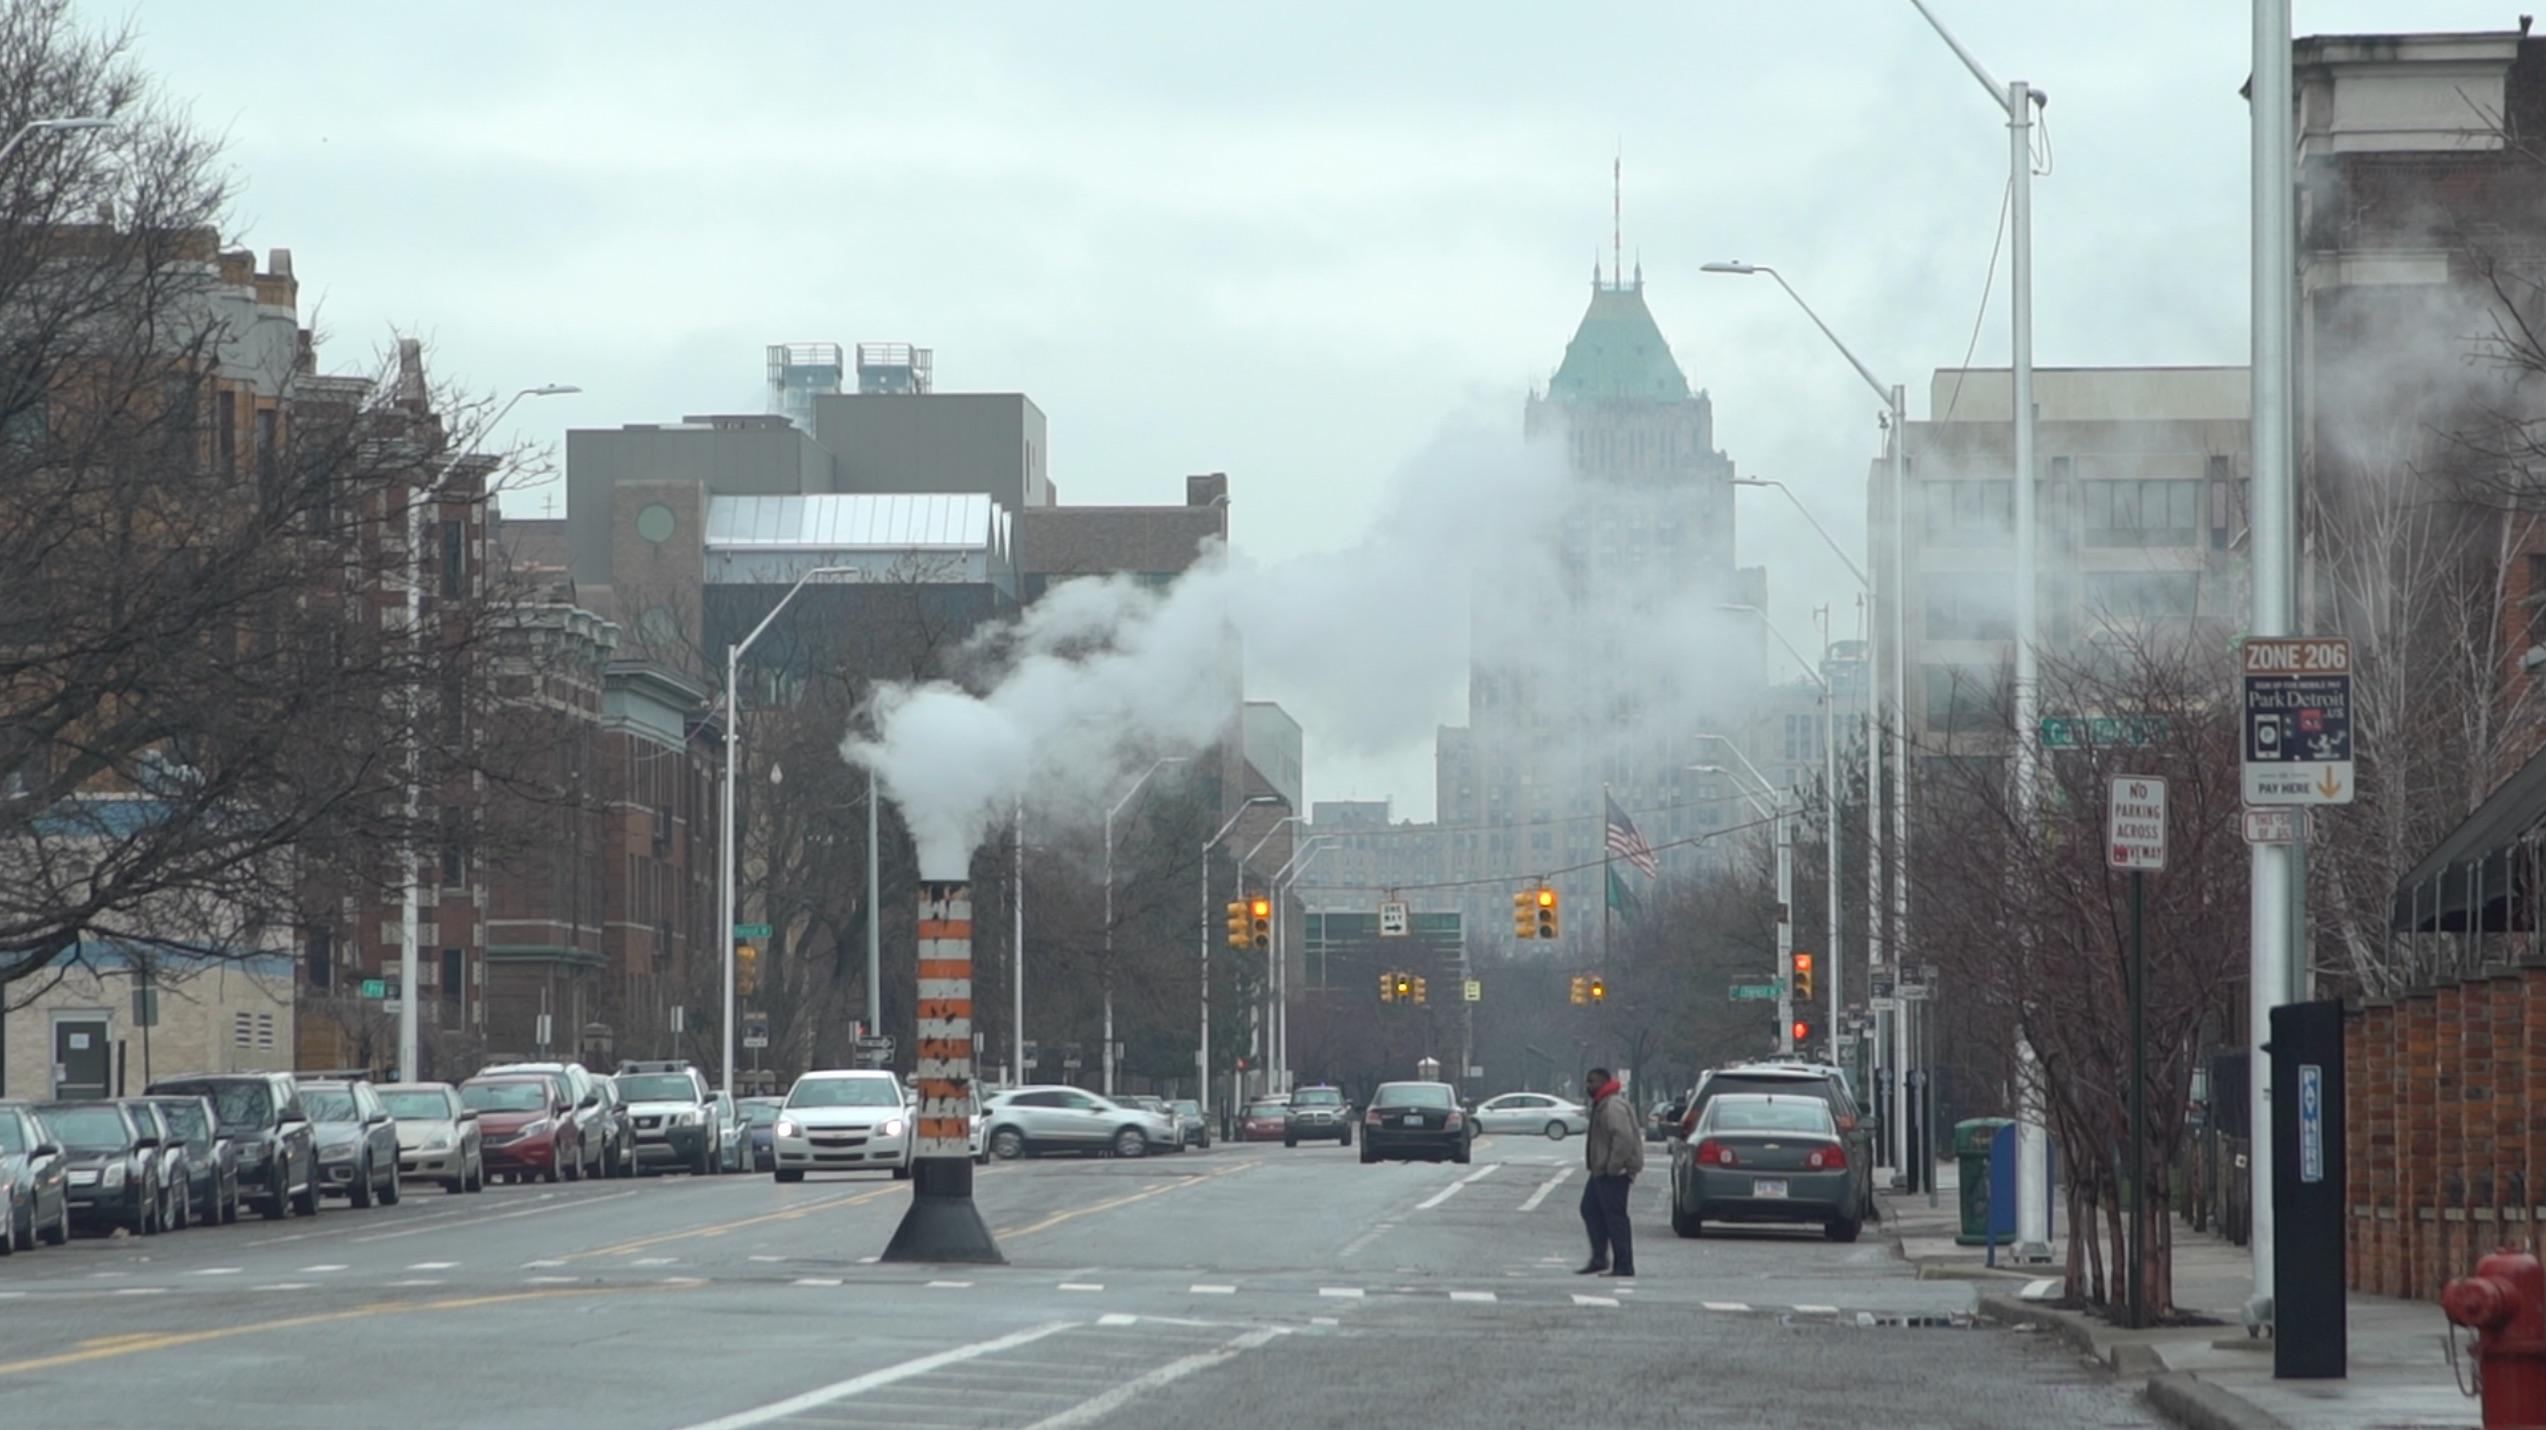 Midtown todayjpg.jpg